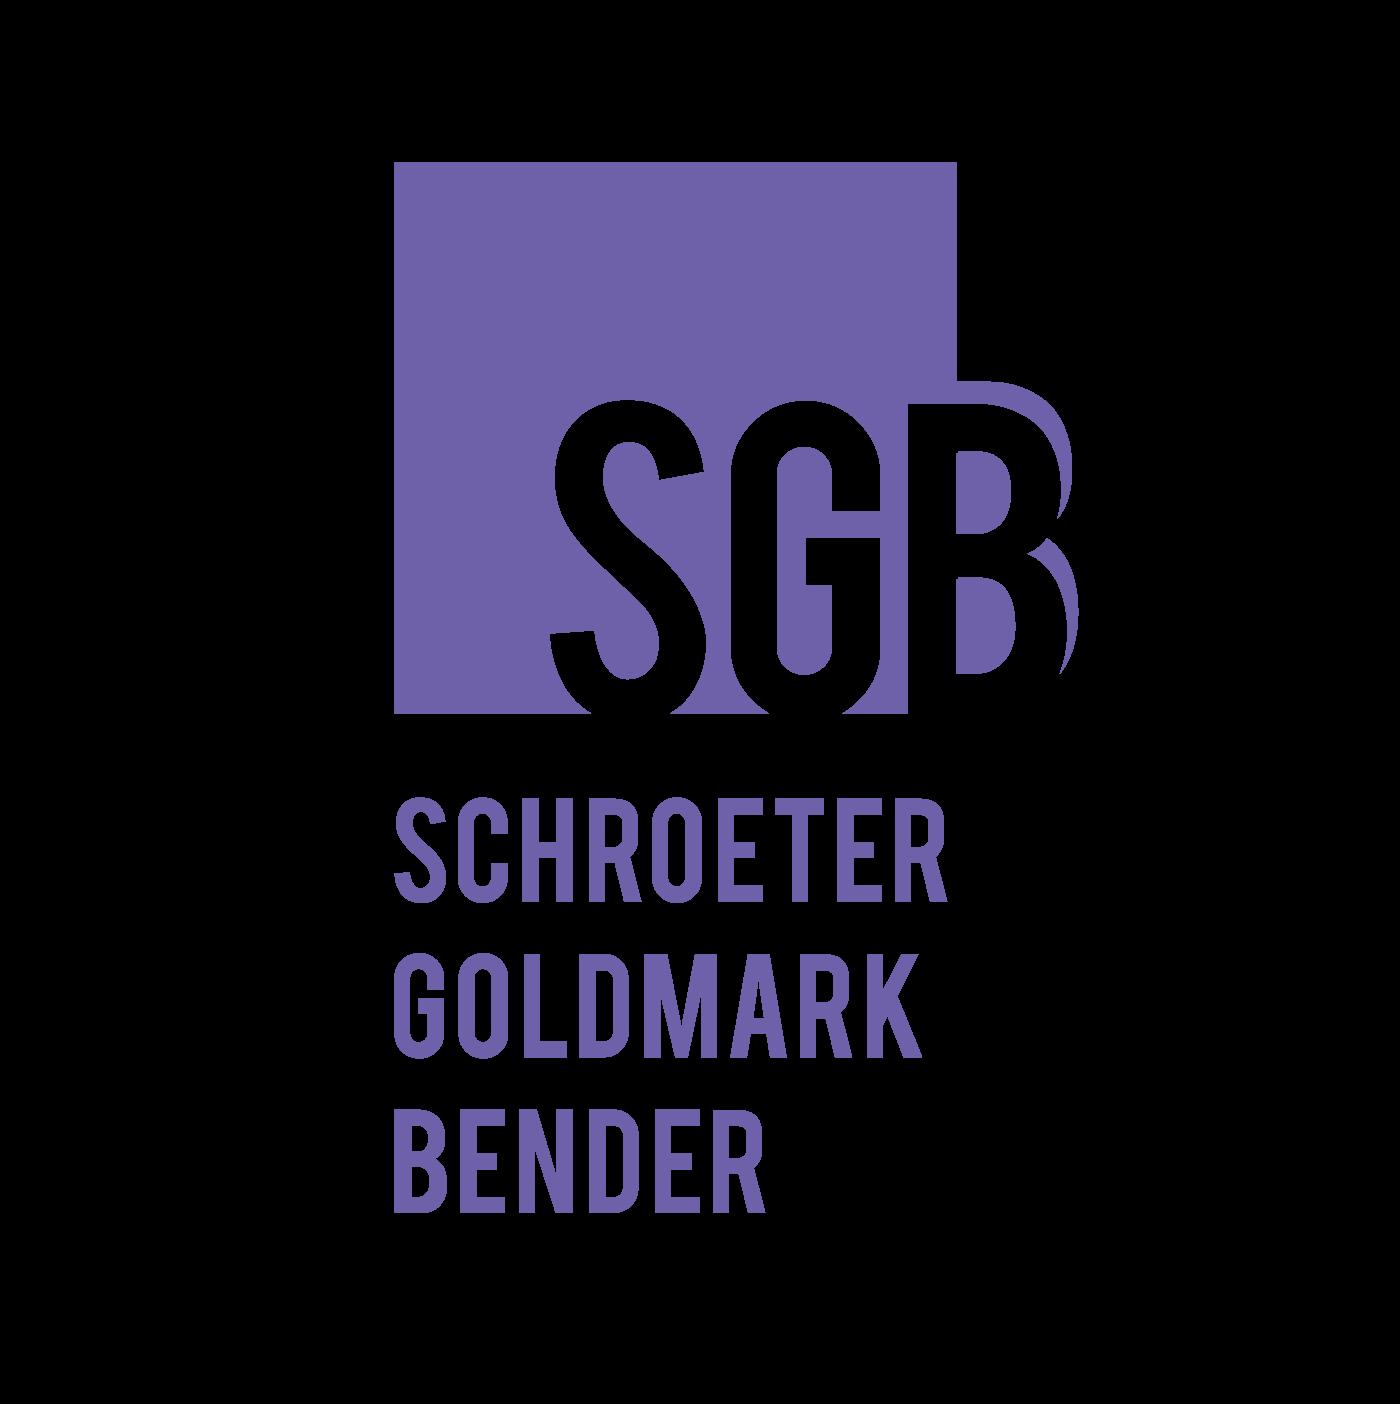 Schroeter Goldmark Bender